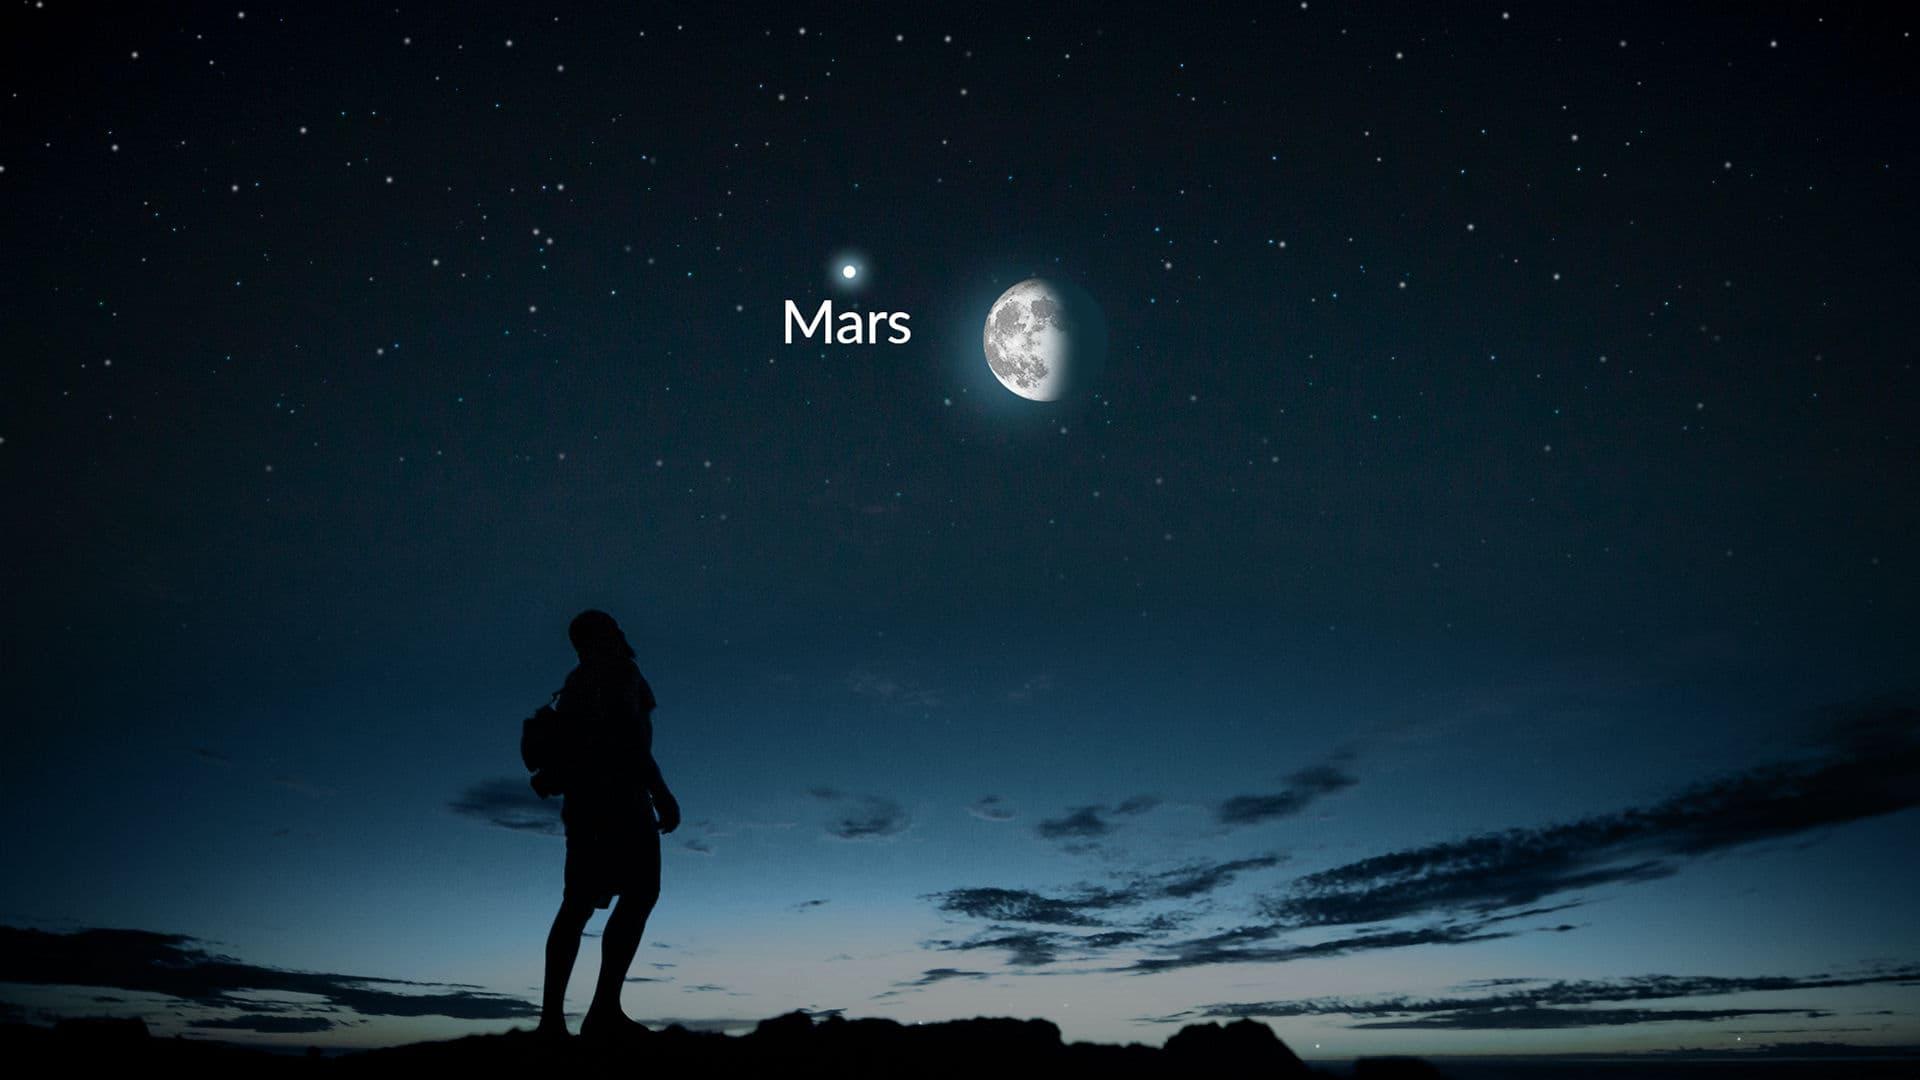 황혼에서 새벽까지 달과 화성